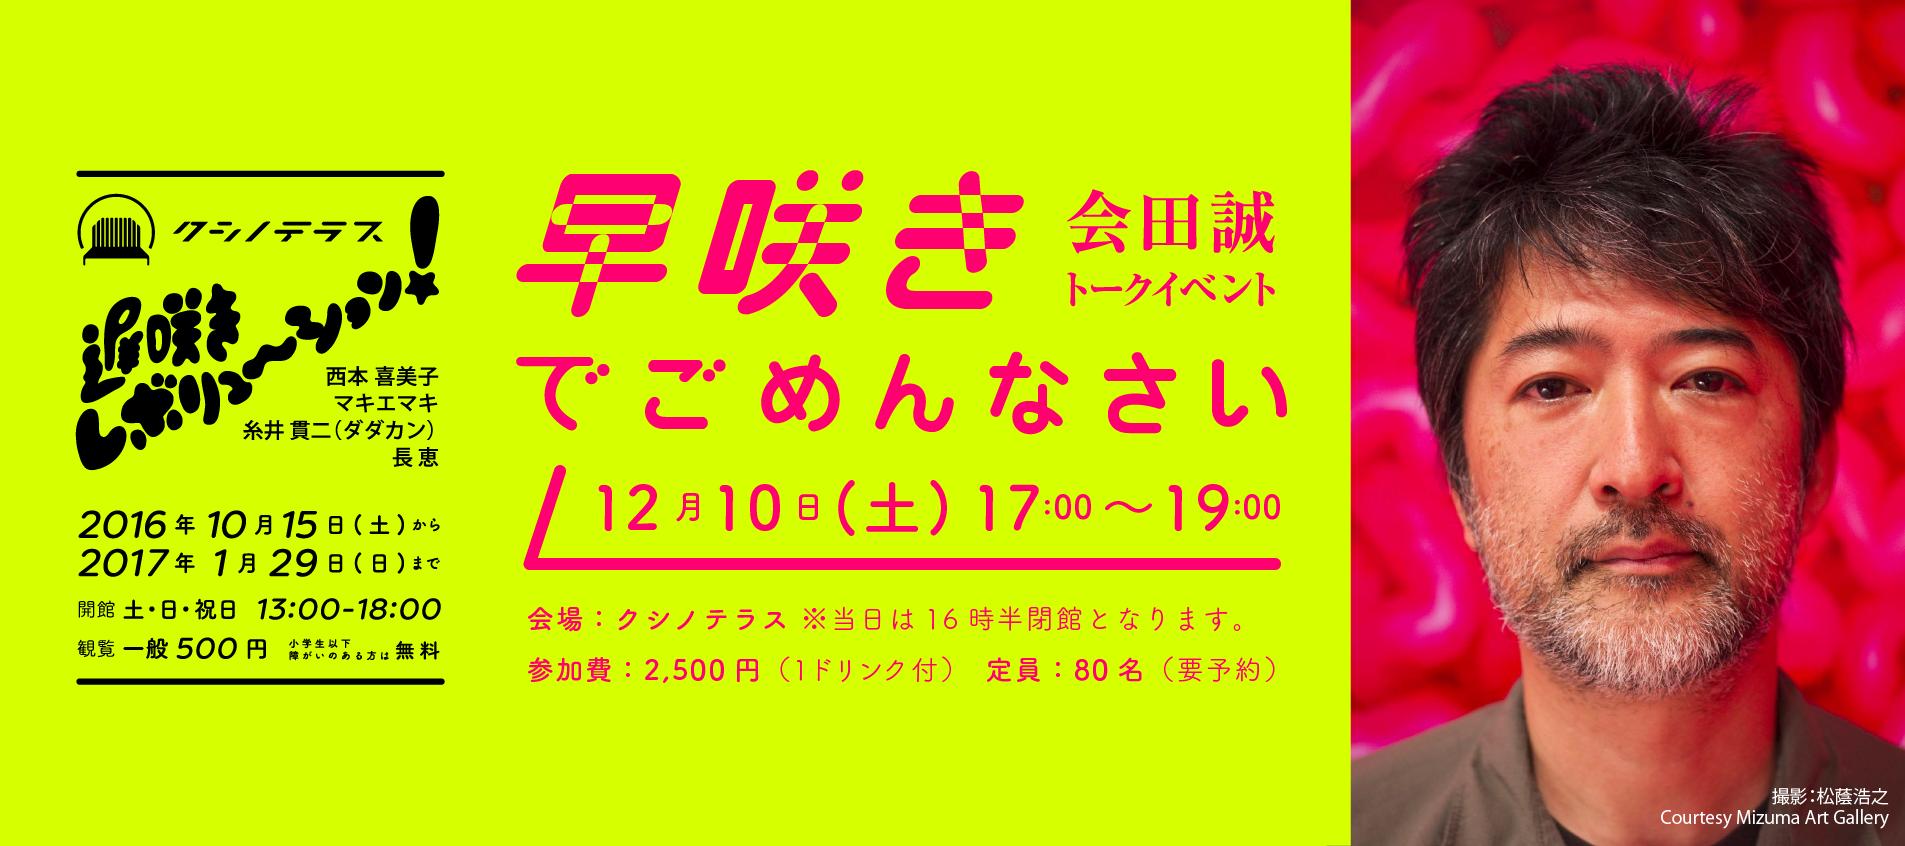 会田誠トークイベント「早咲きでごめんなさい」